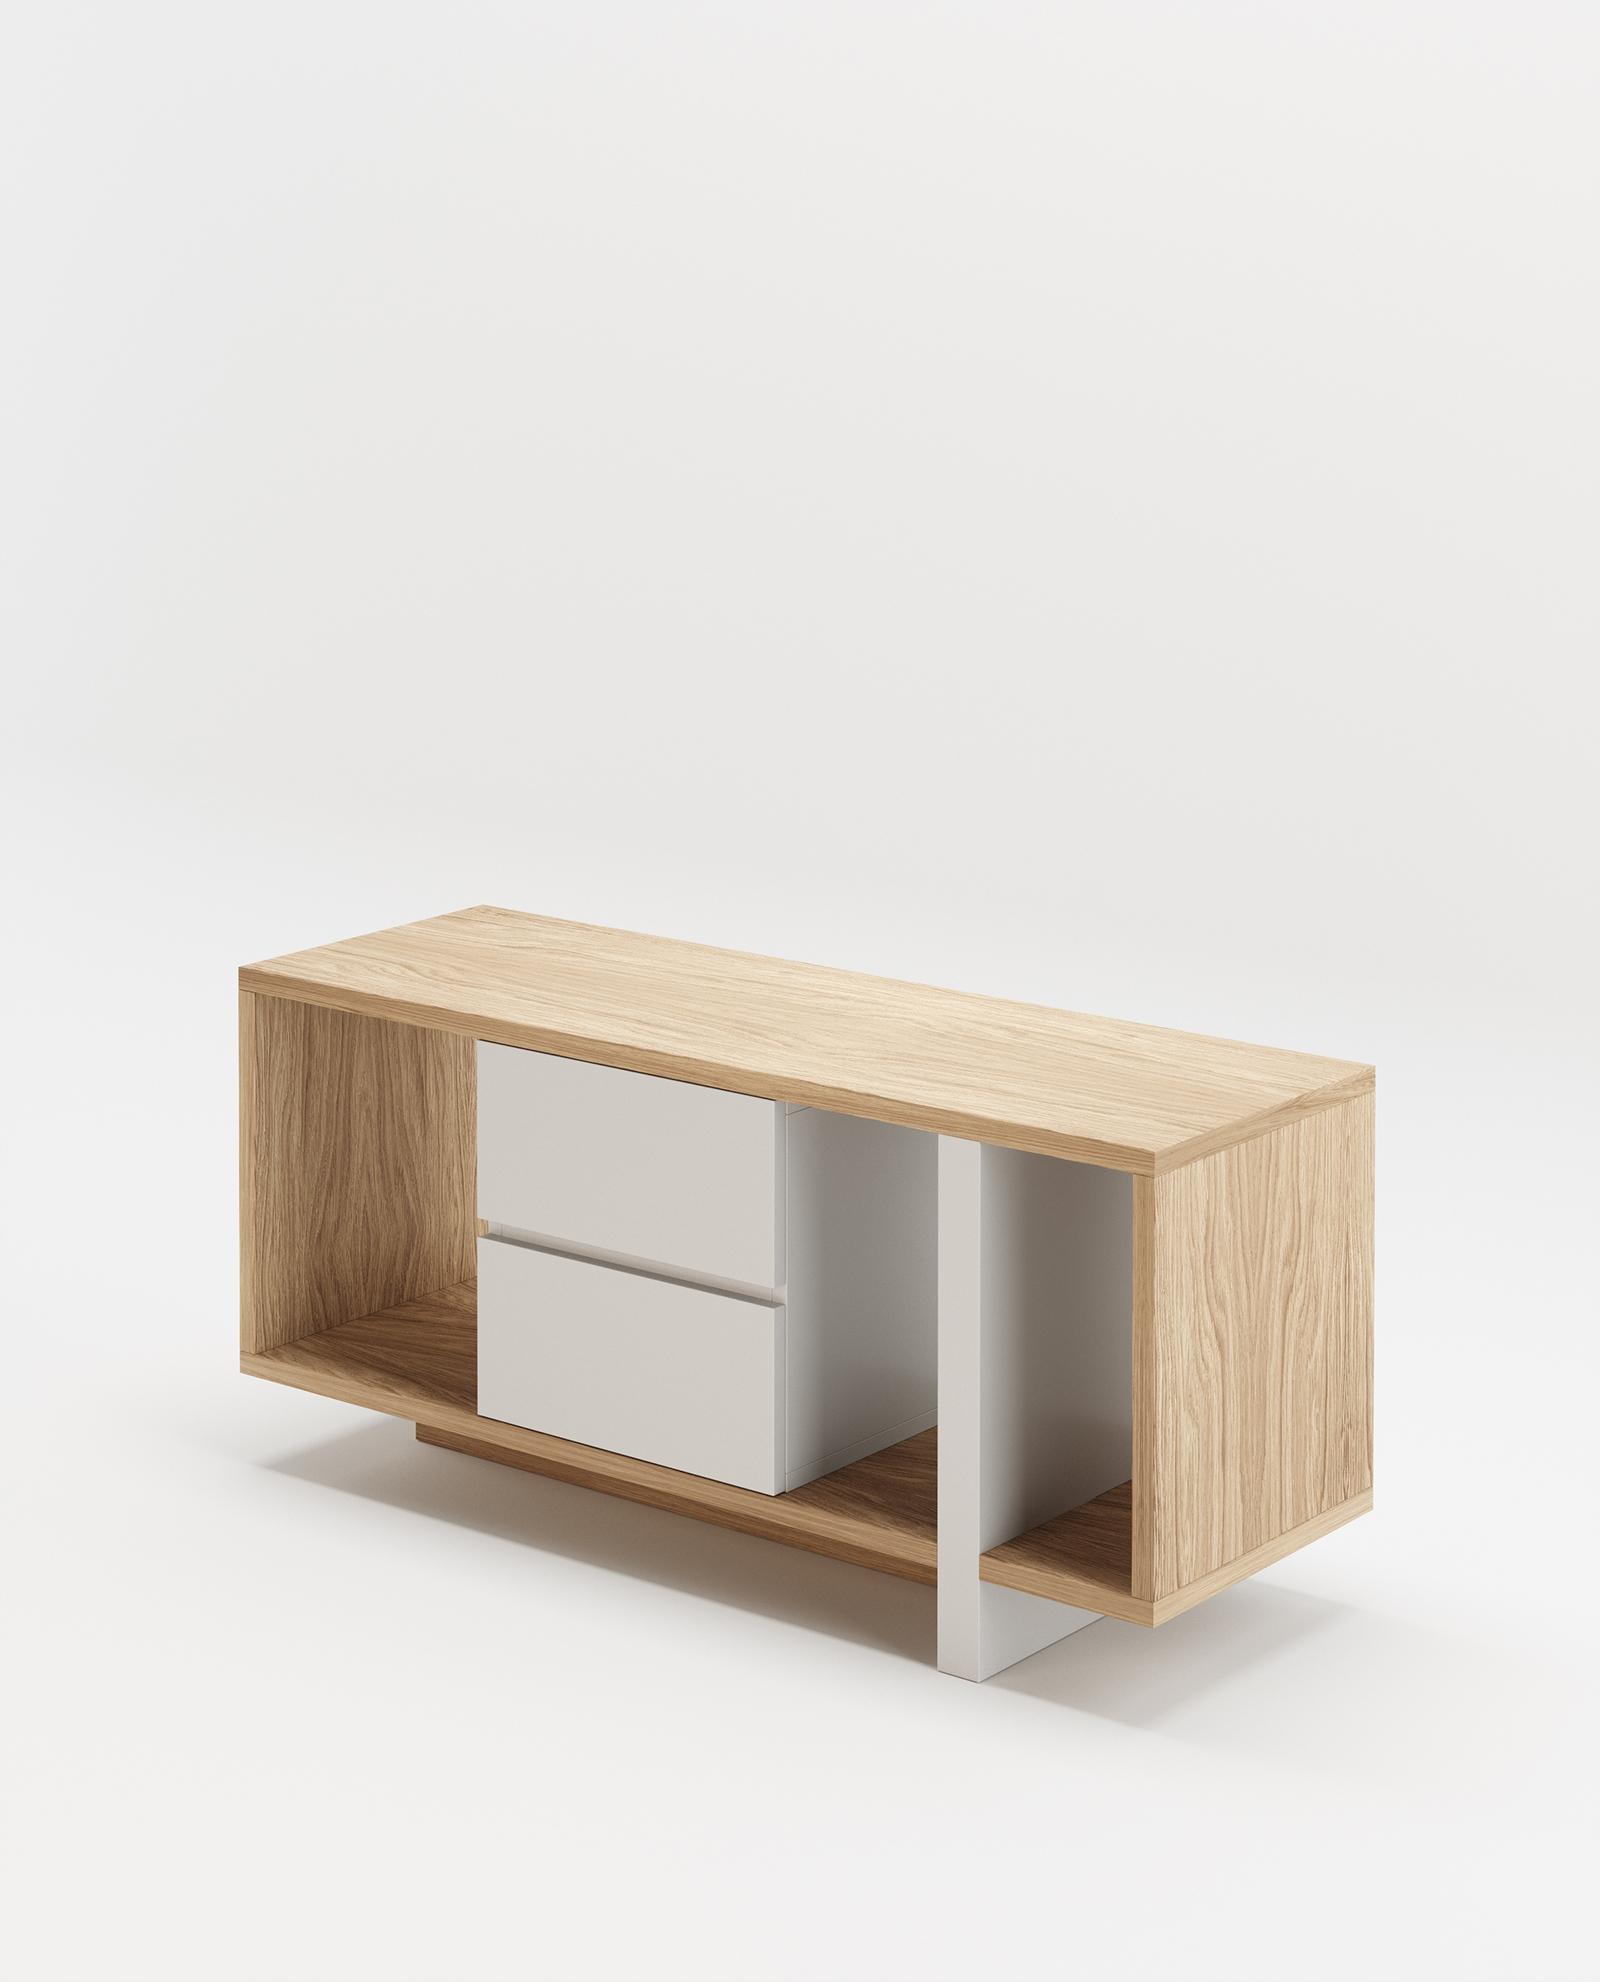 movel-apoio-madeira-gavetas-branco-carvalho (2)